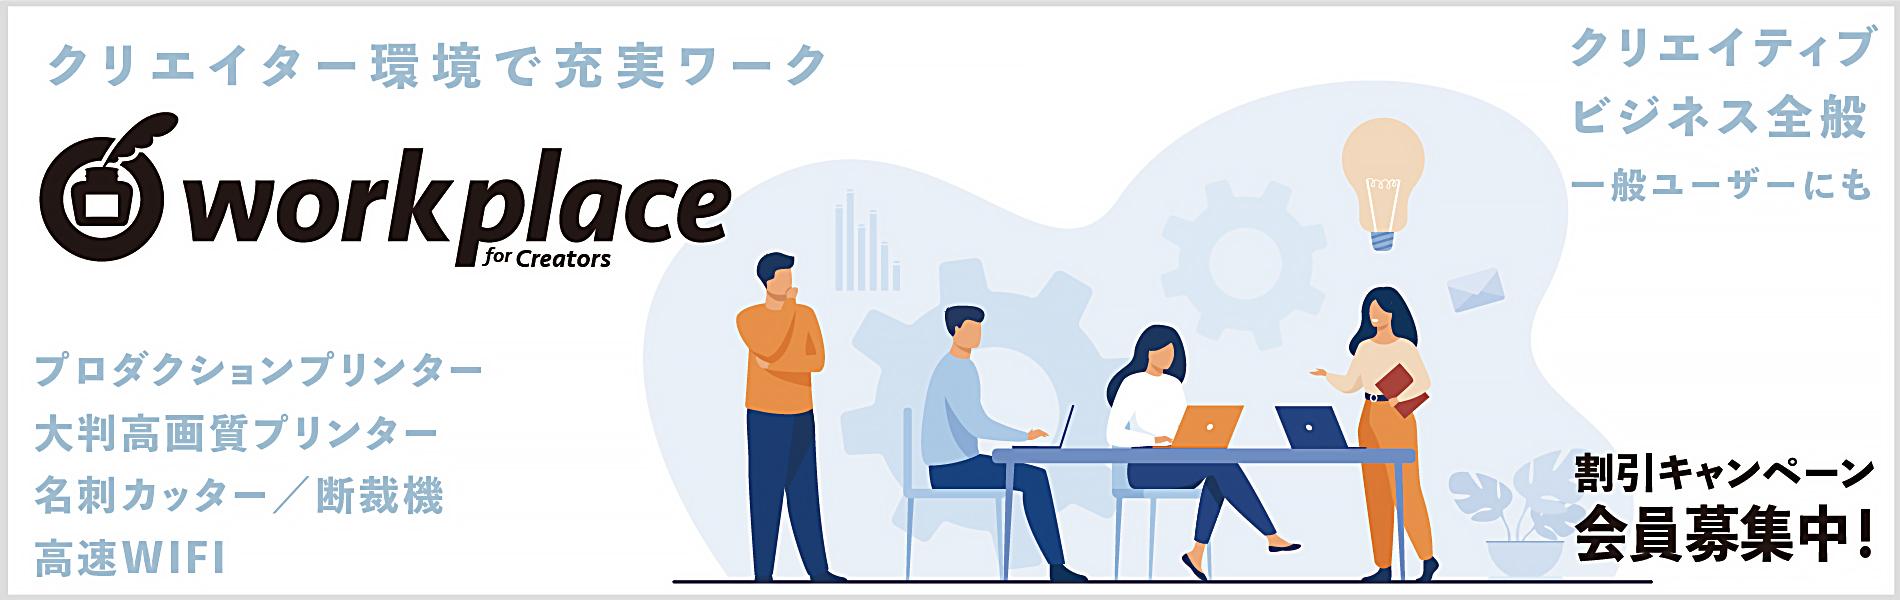 コワーキング,レンタル,オフィス,時間貸,スペース,テレワーク,クリエイター